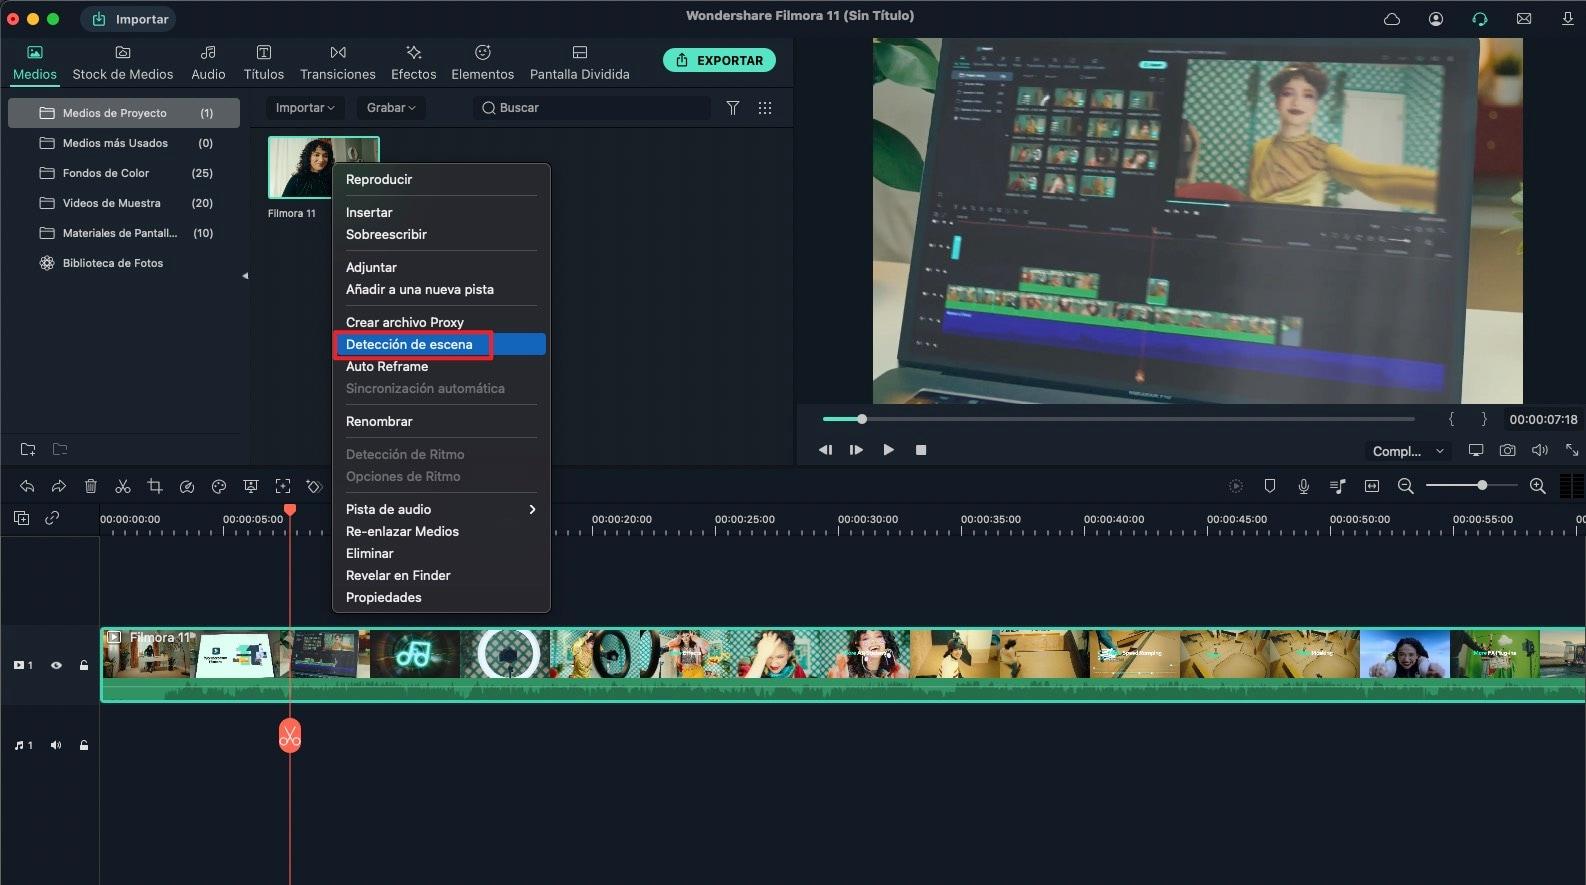 ¿Cómo Detectar Cambios de Escena en un Vídeo y Cortar Escenas Innecesarias?